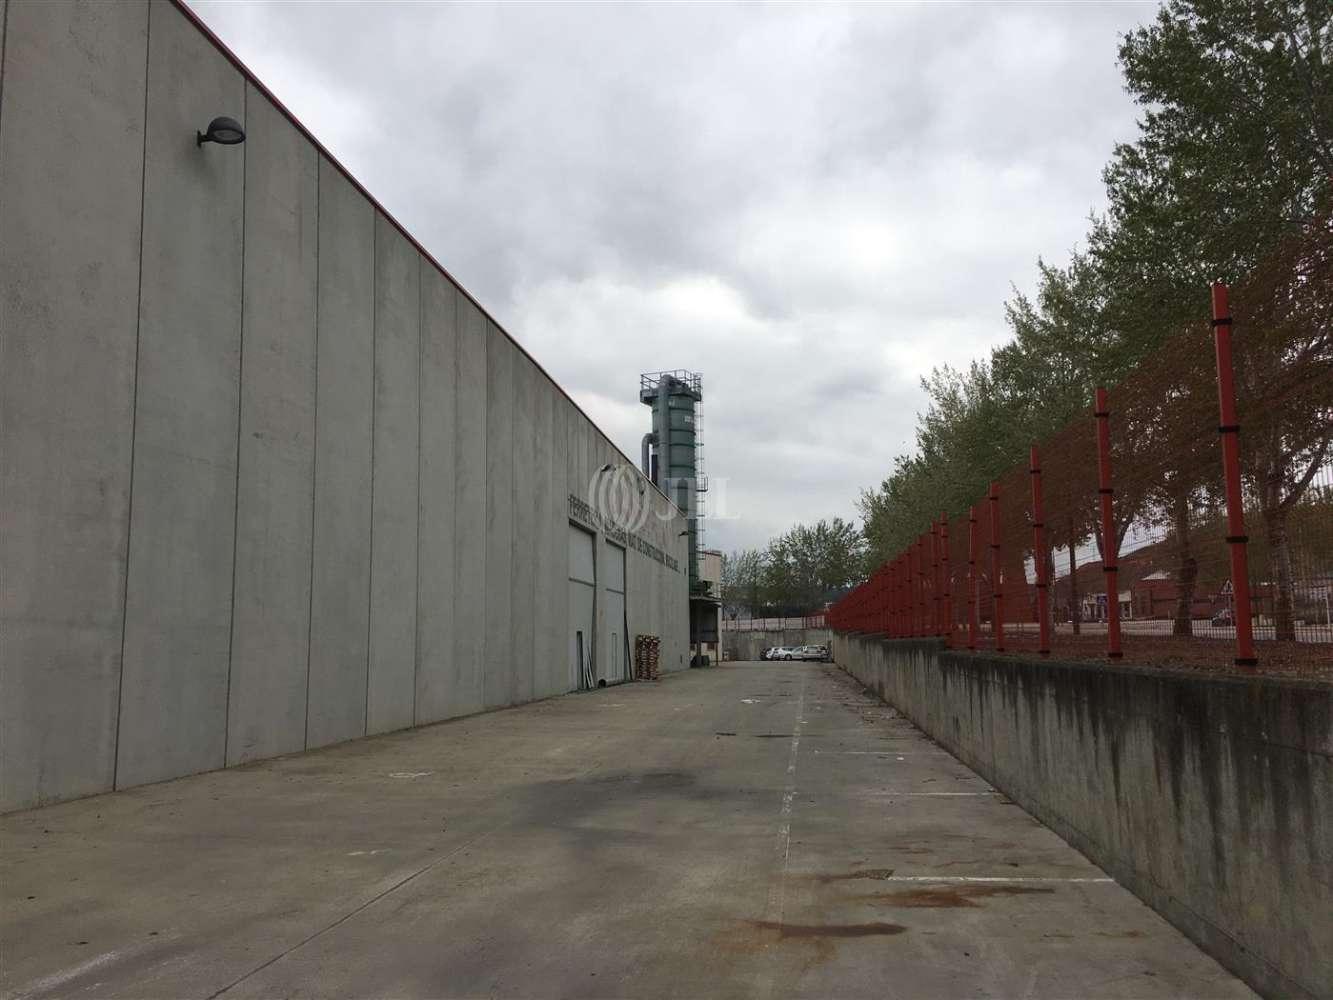 Naves industriales y logísticas Burgos, 09001 - Nave Industrial - B0489 NAVE INDUSTRIAL EN ALQUILER / VENTA - Pol. Ind. Villalonquéjar - BURGOS - 16907